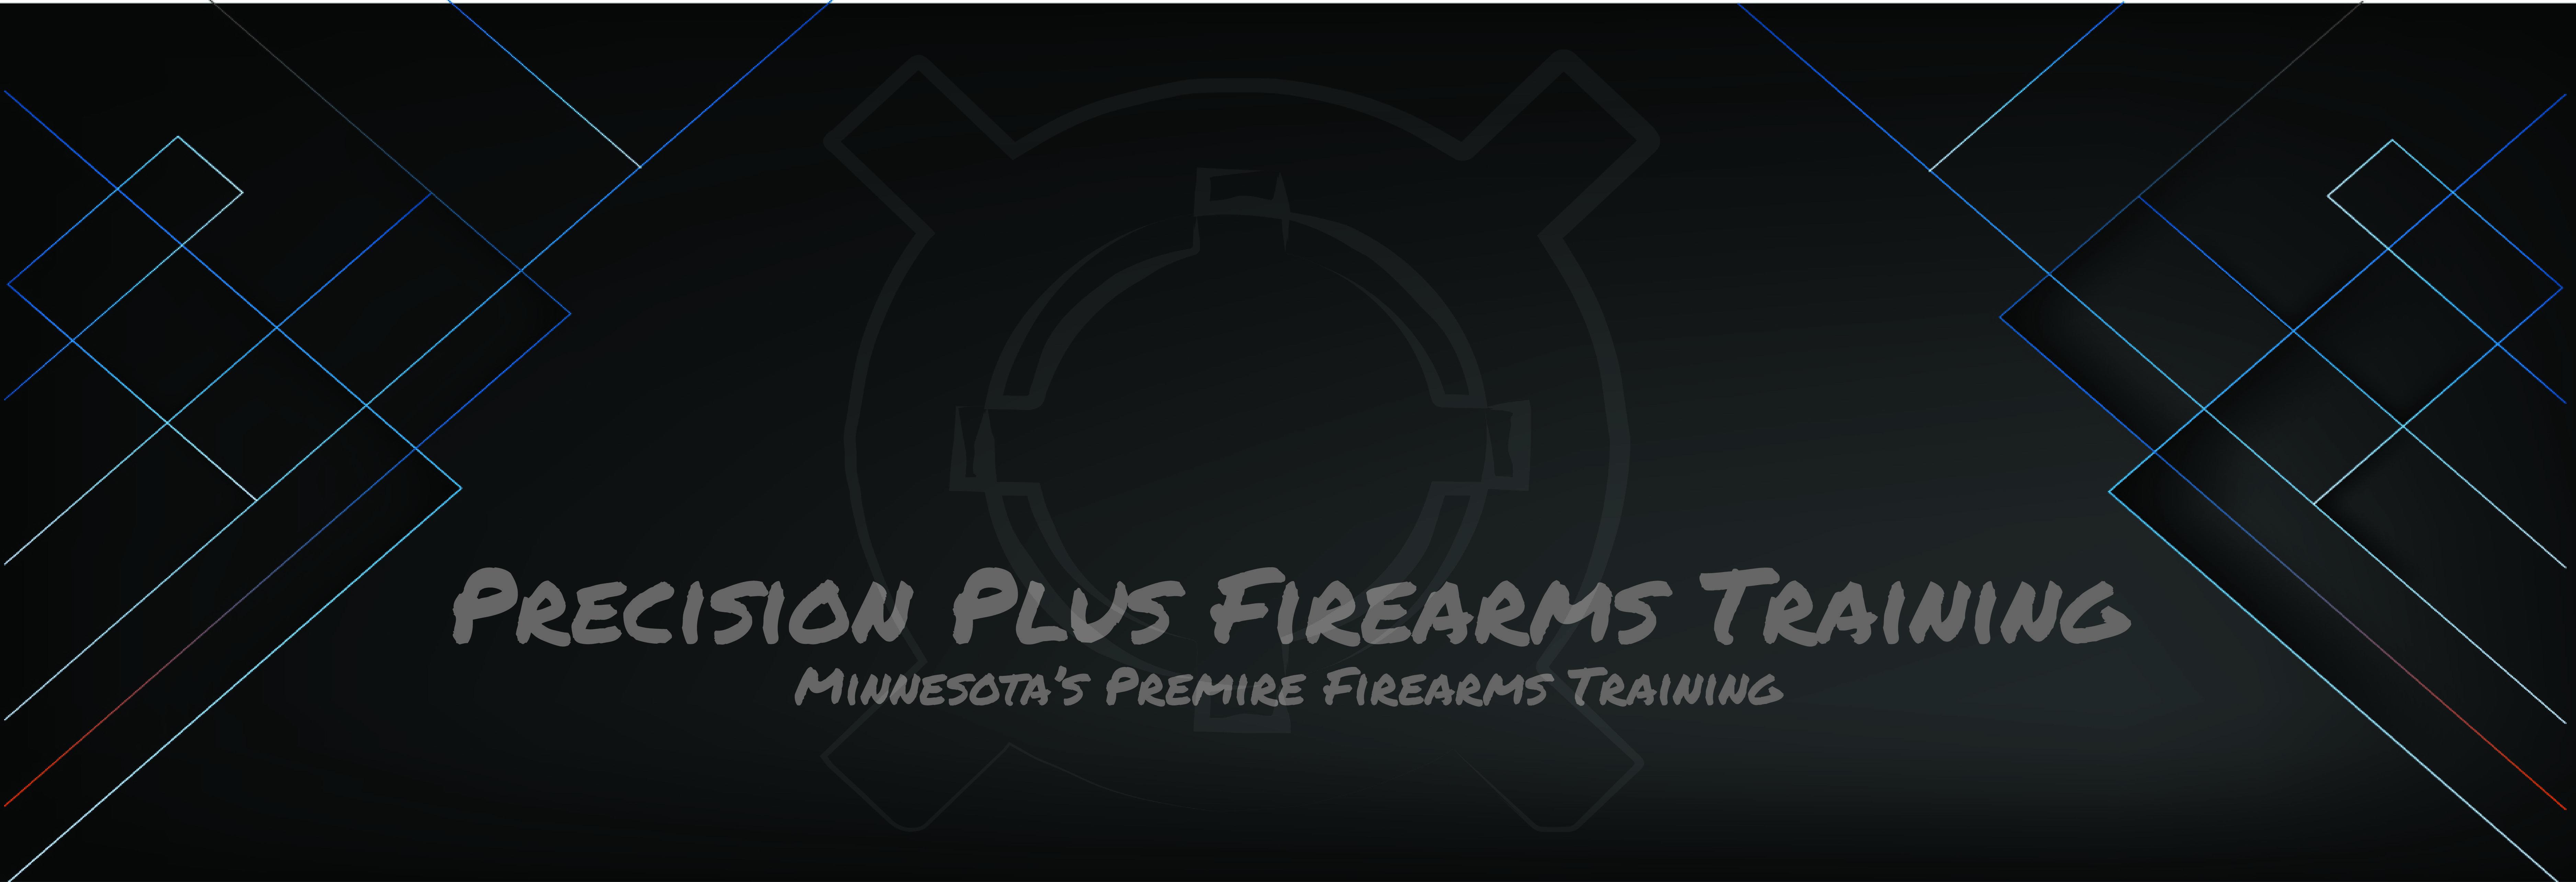 Pin by Precision Plus Firearms Traini on www.mnselfdefense